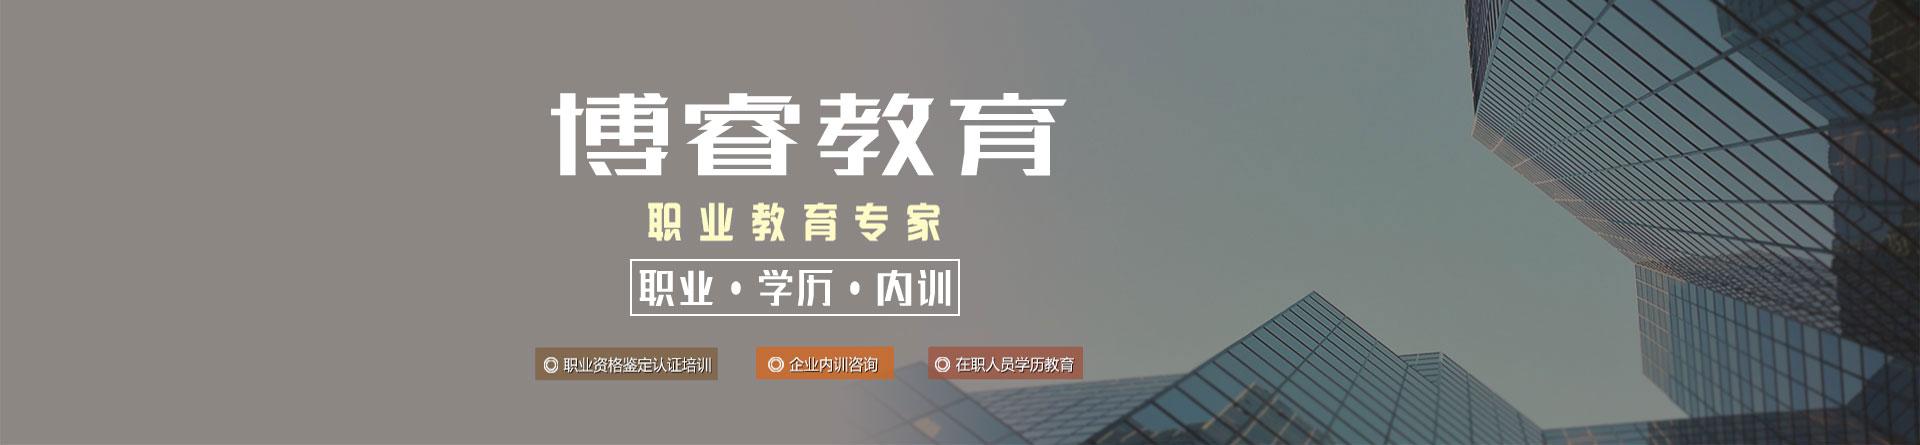 郑州博睿教育